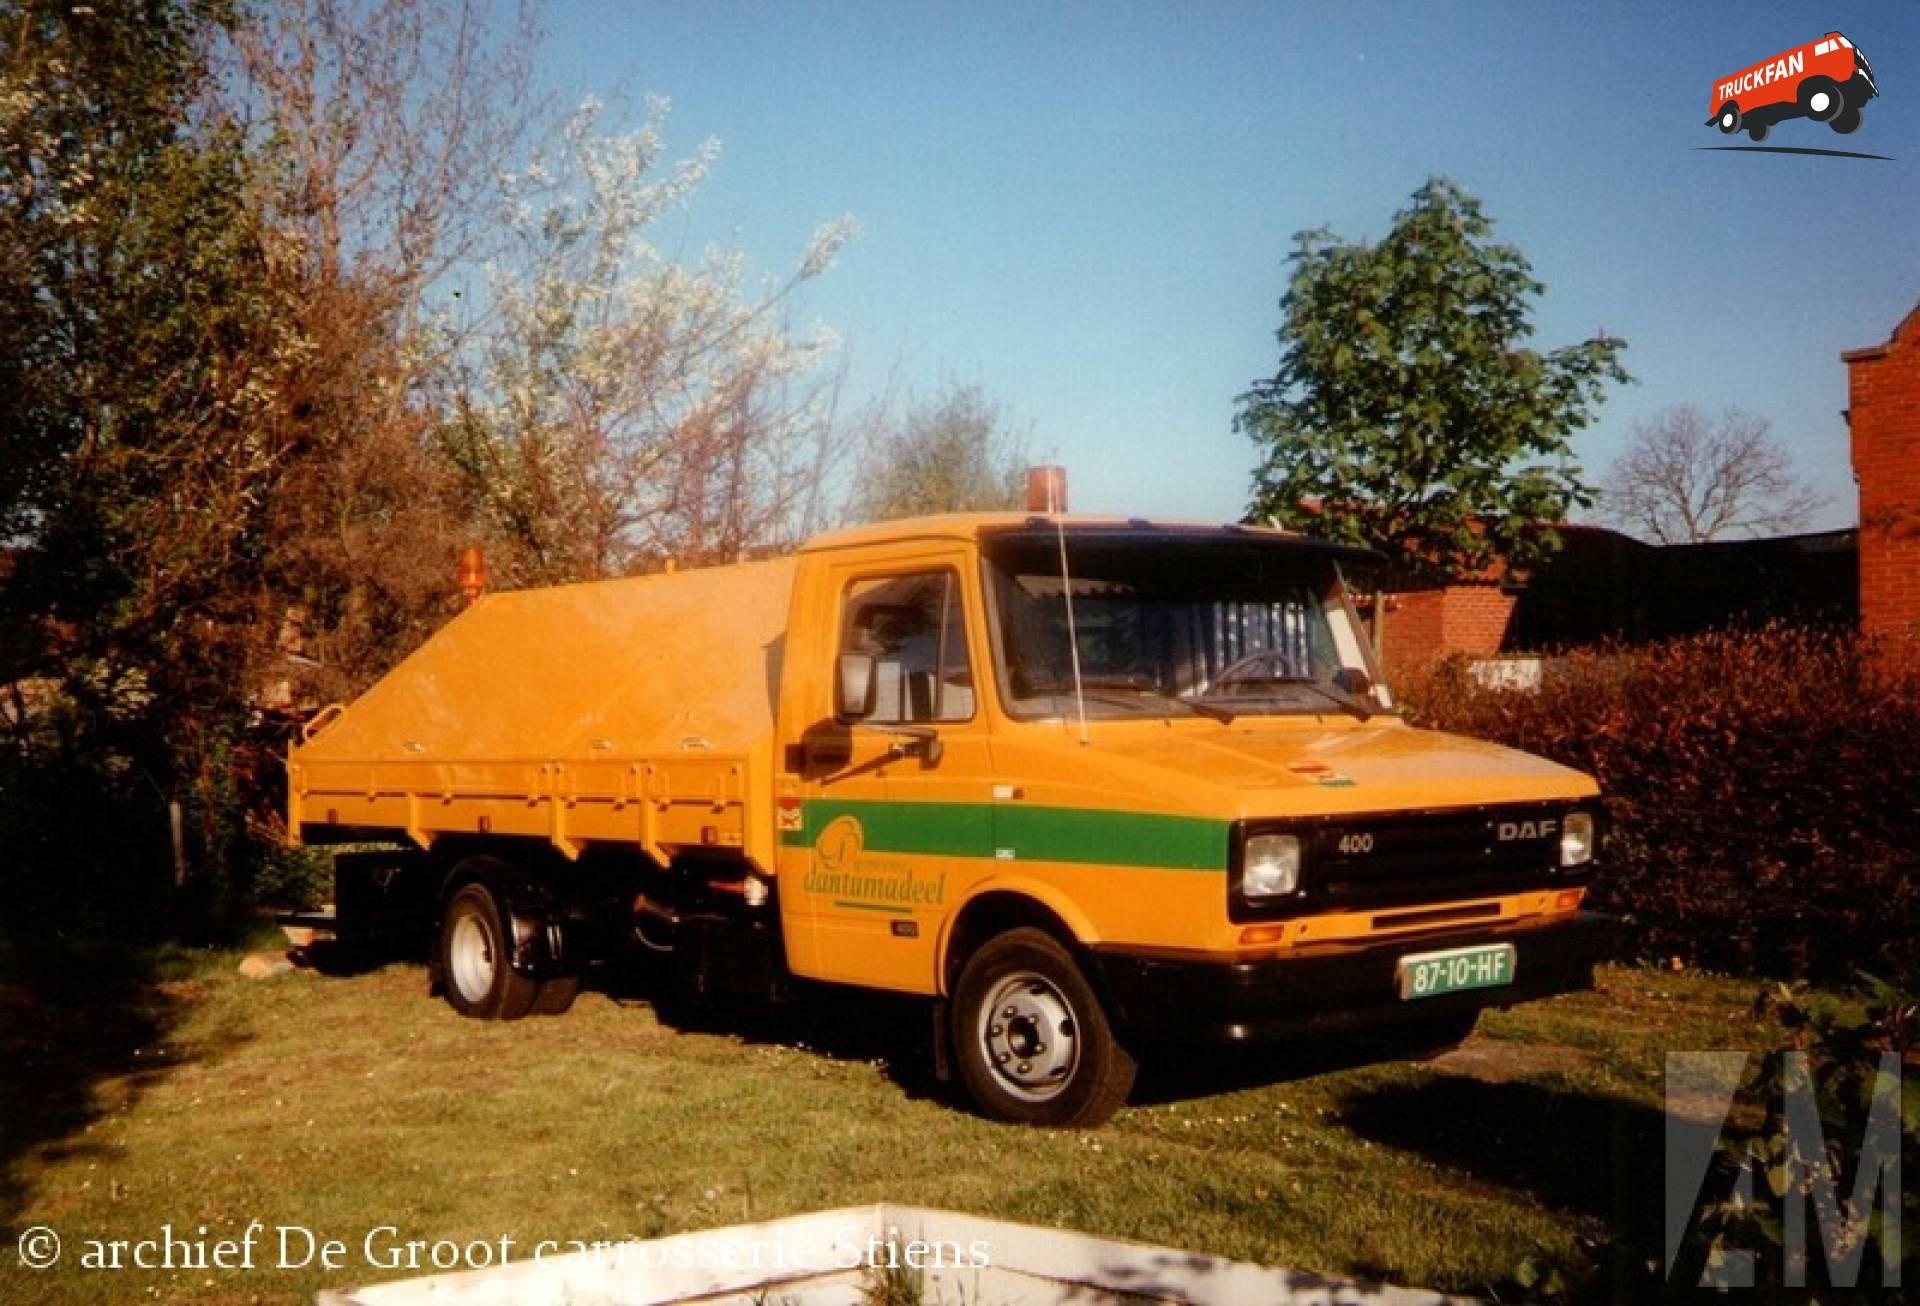 DAF 400